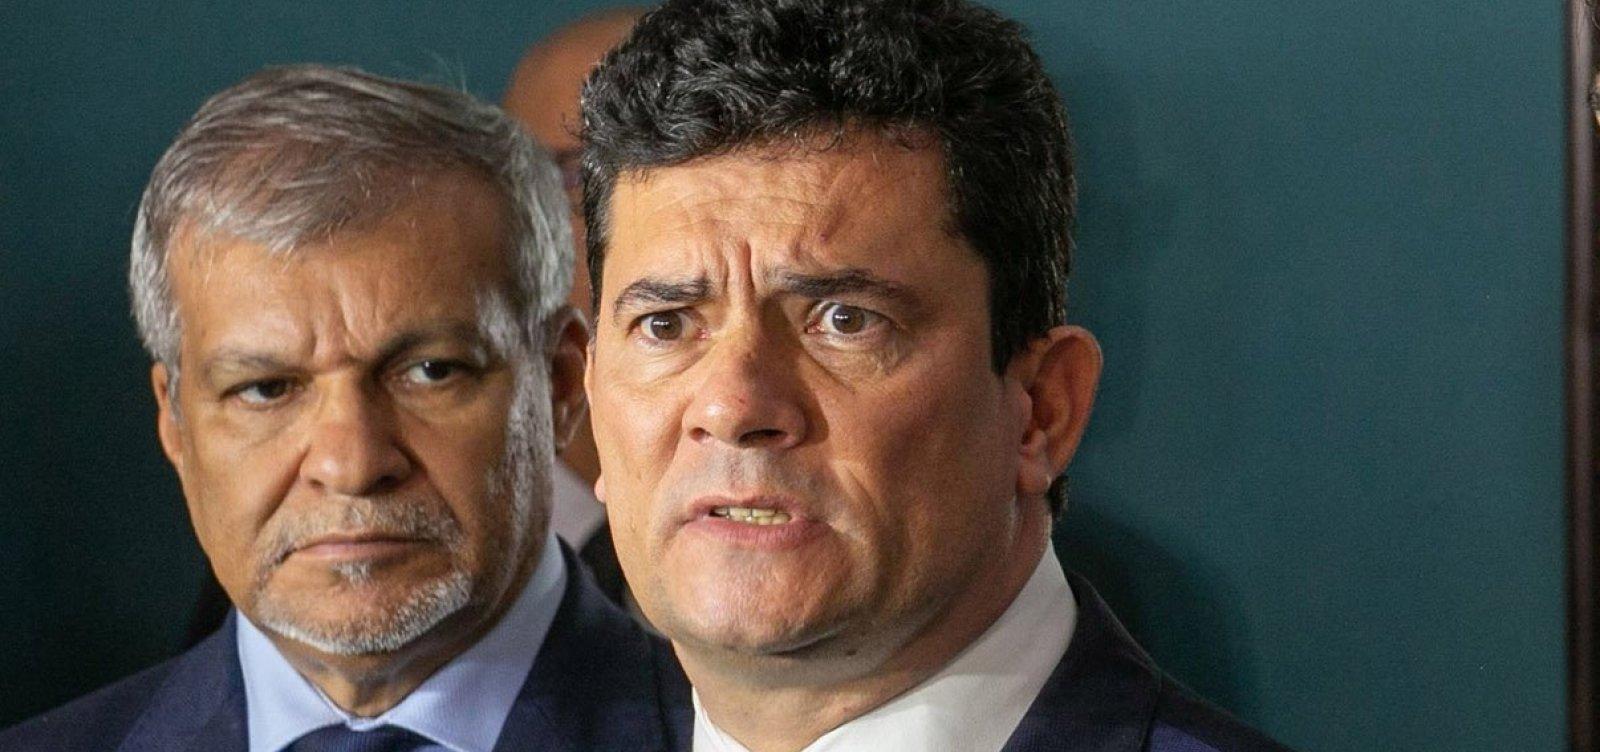 Moro defende federalização do caso Marielle e vê menção a Bolsonaro como 'disparate'